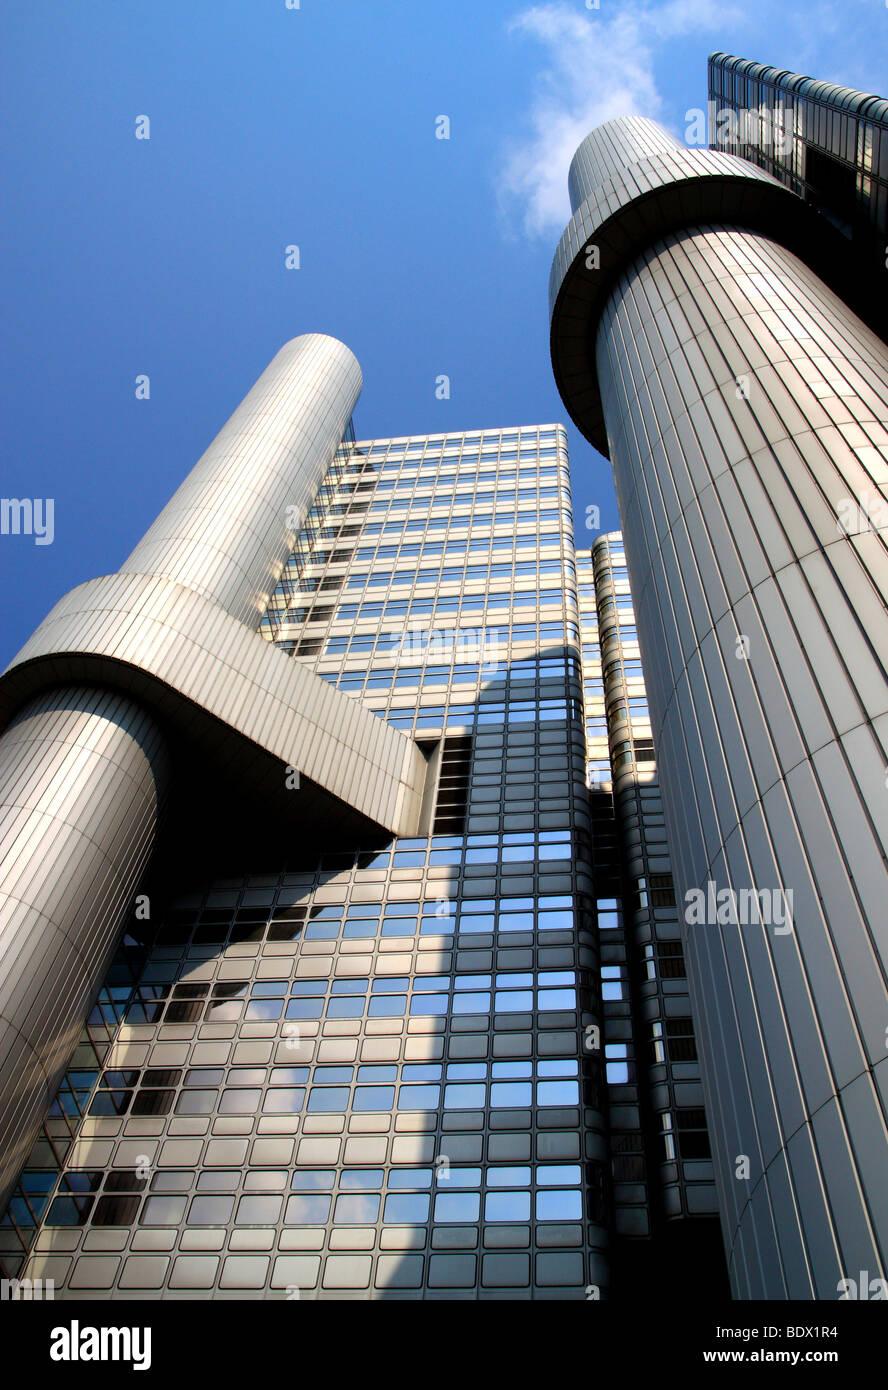 Modern Architecture Europe modern architecture, hypobank bank skyscraper, munich, bavaria